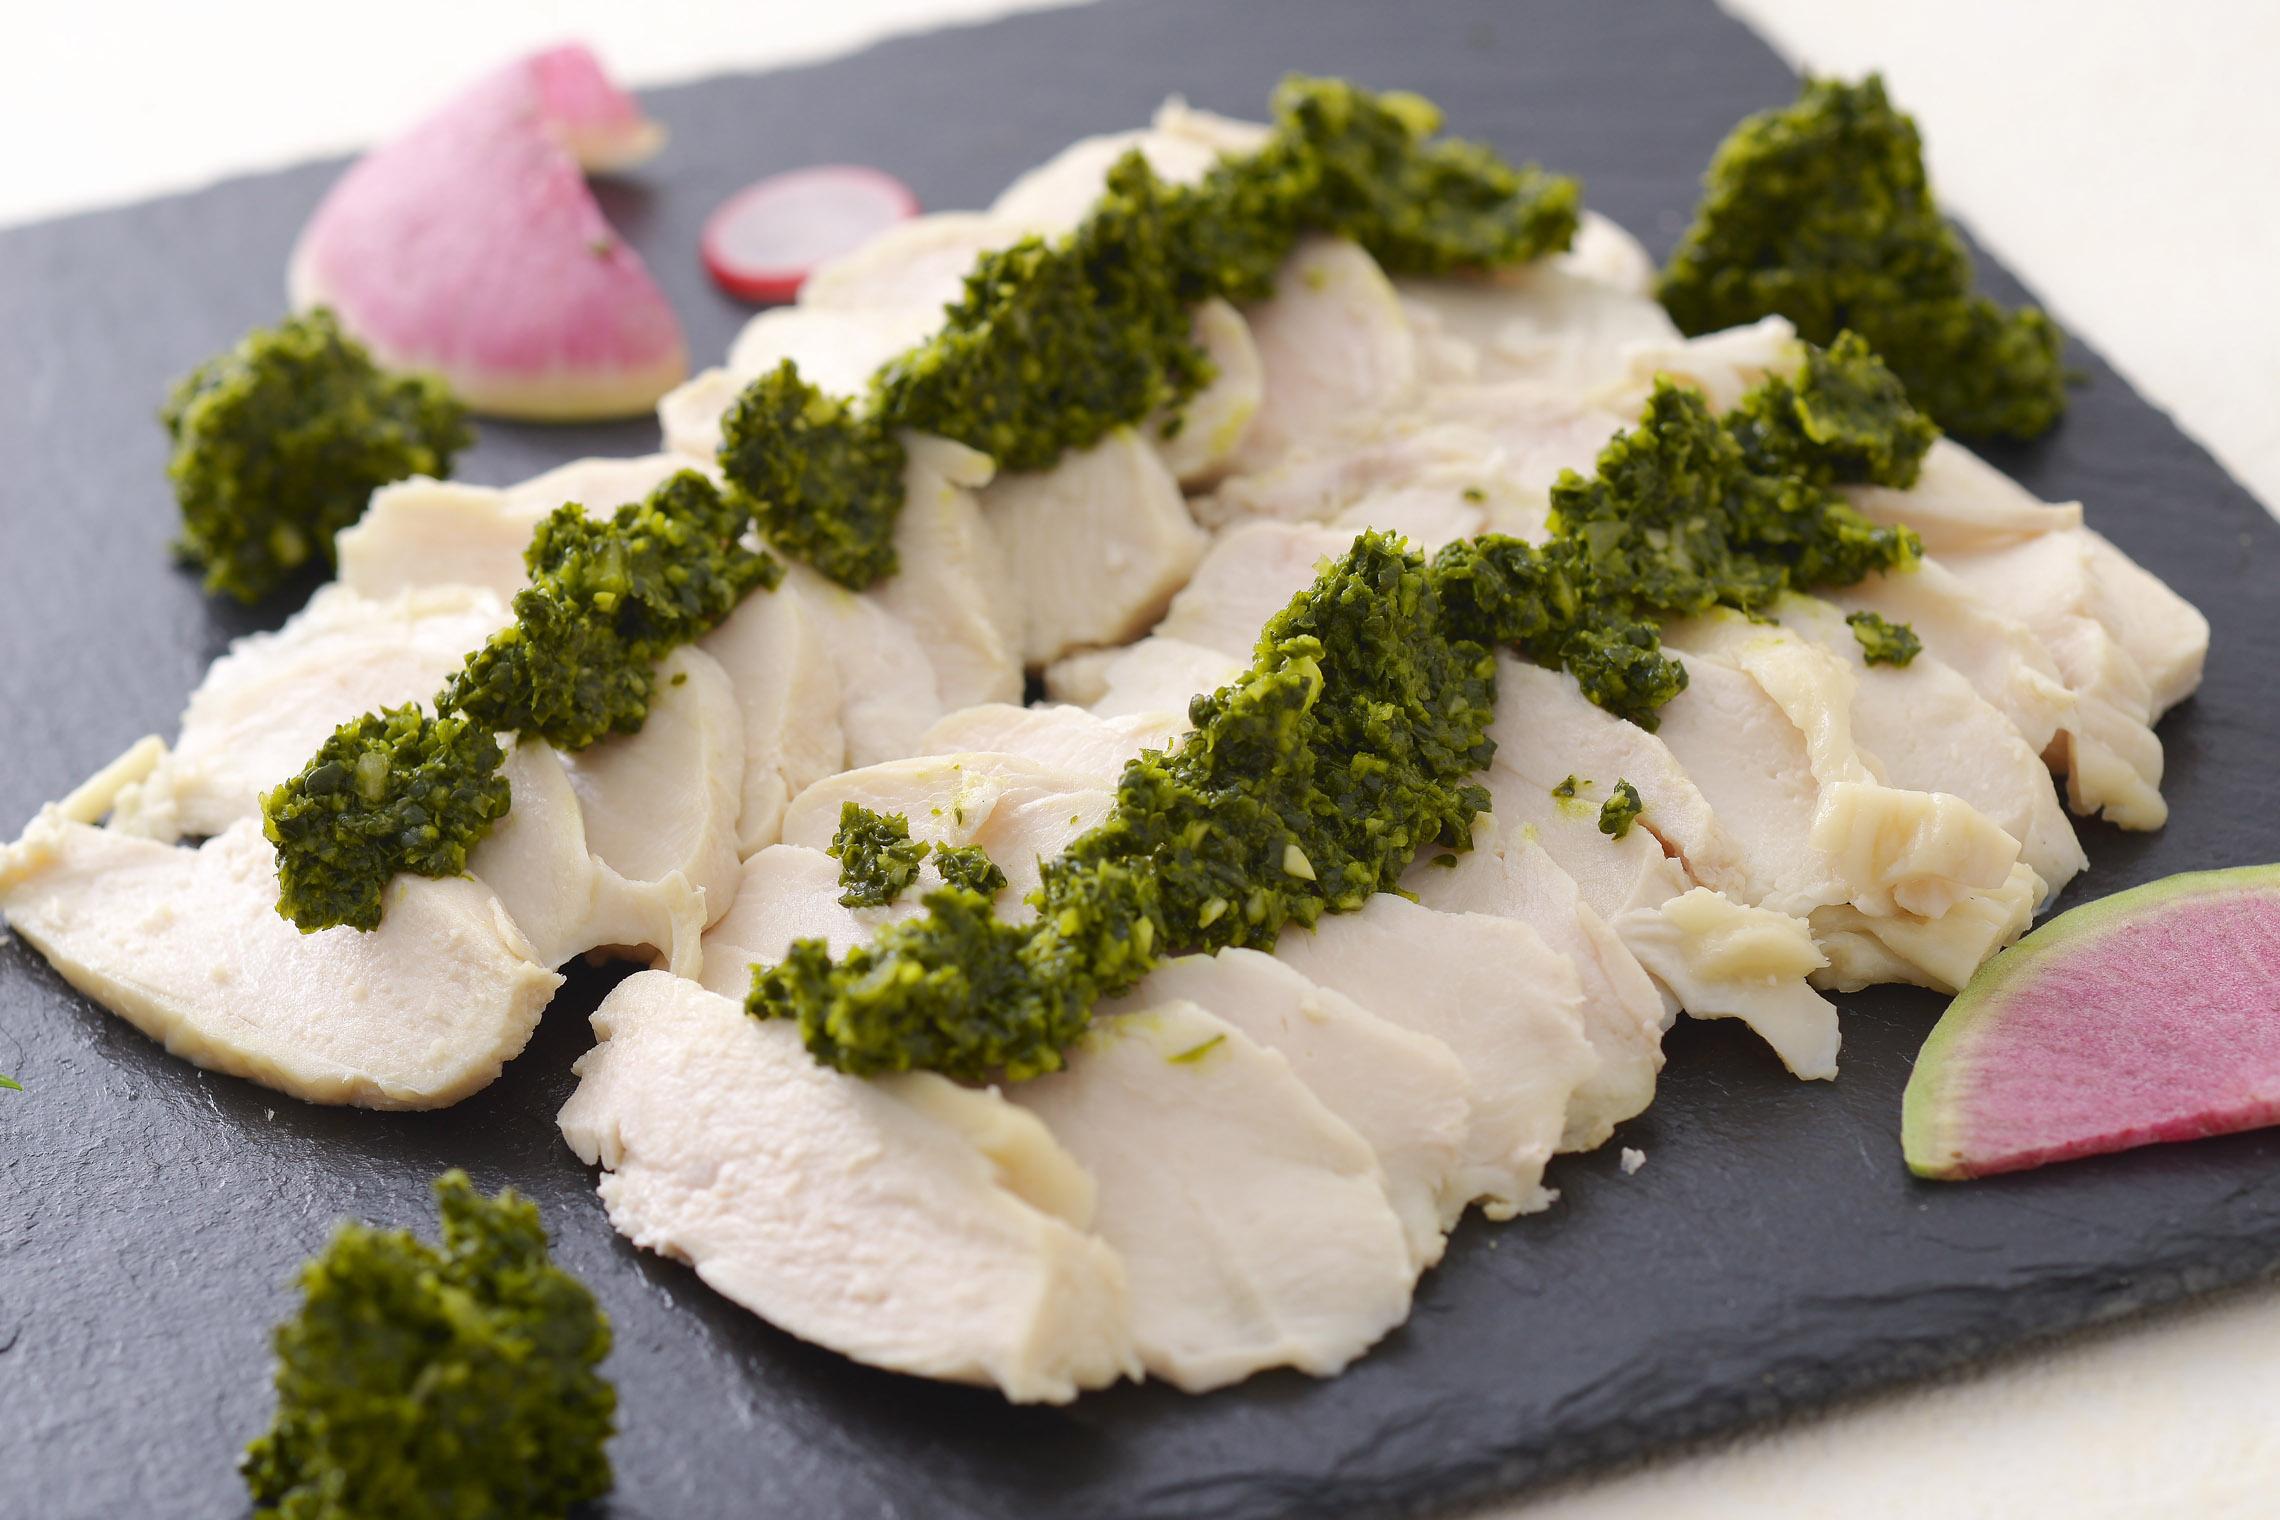 <p>自家製のしっとり仕上げた鶏ハムにサルサヴェルデとはパセリソースの事です。</p>